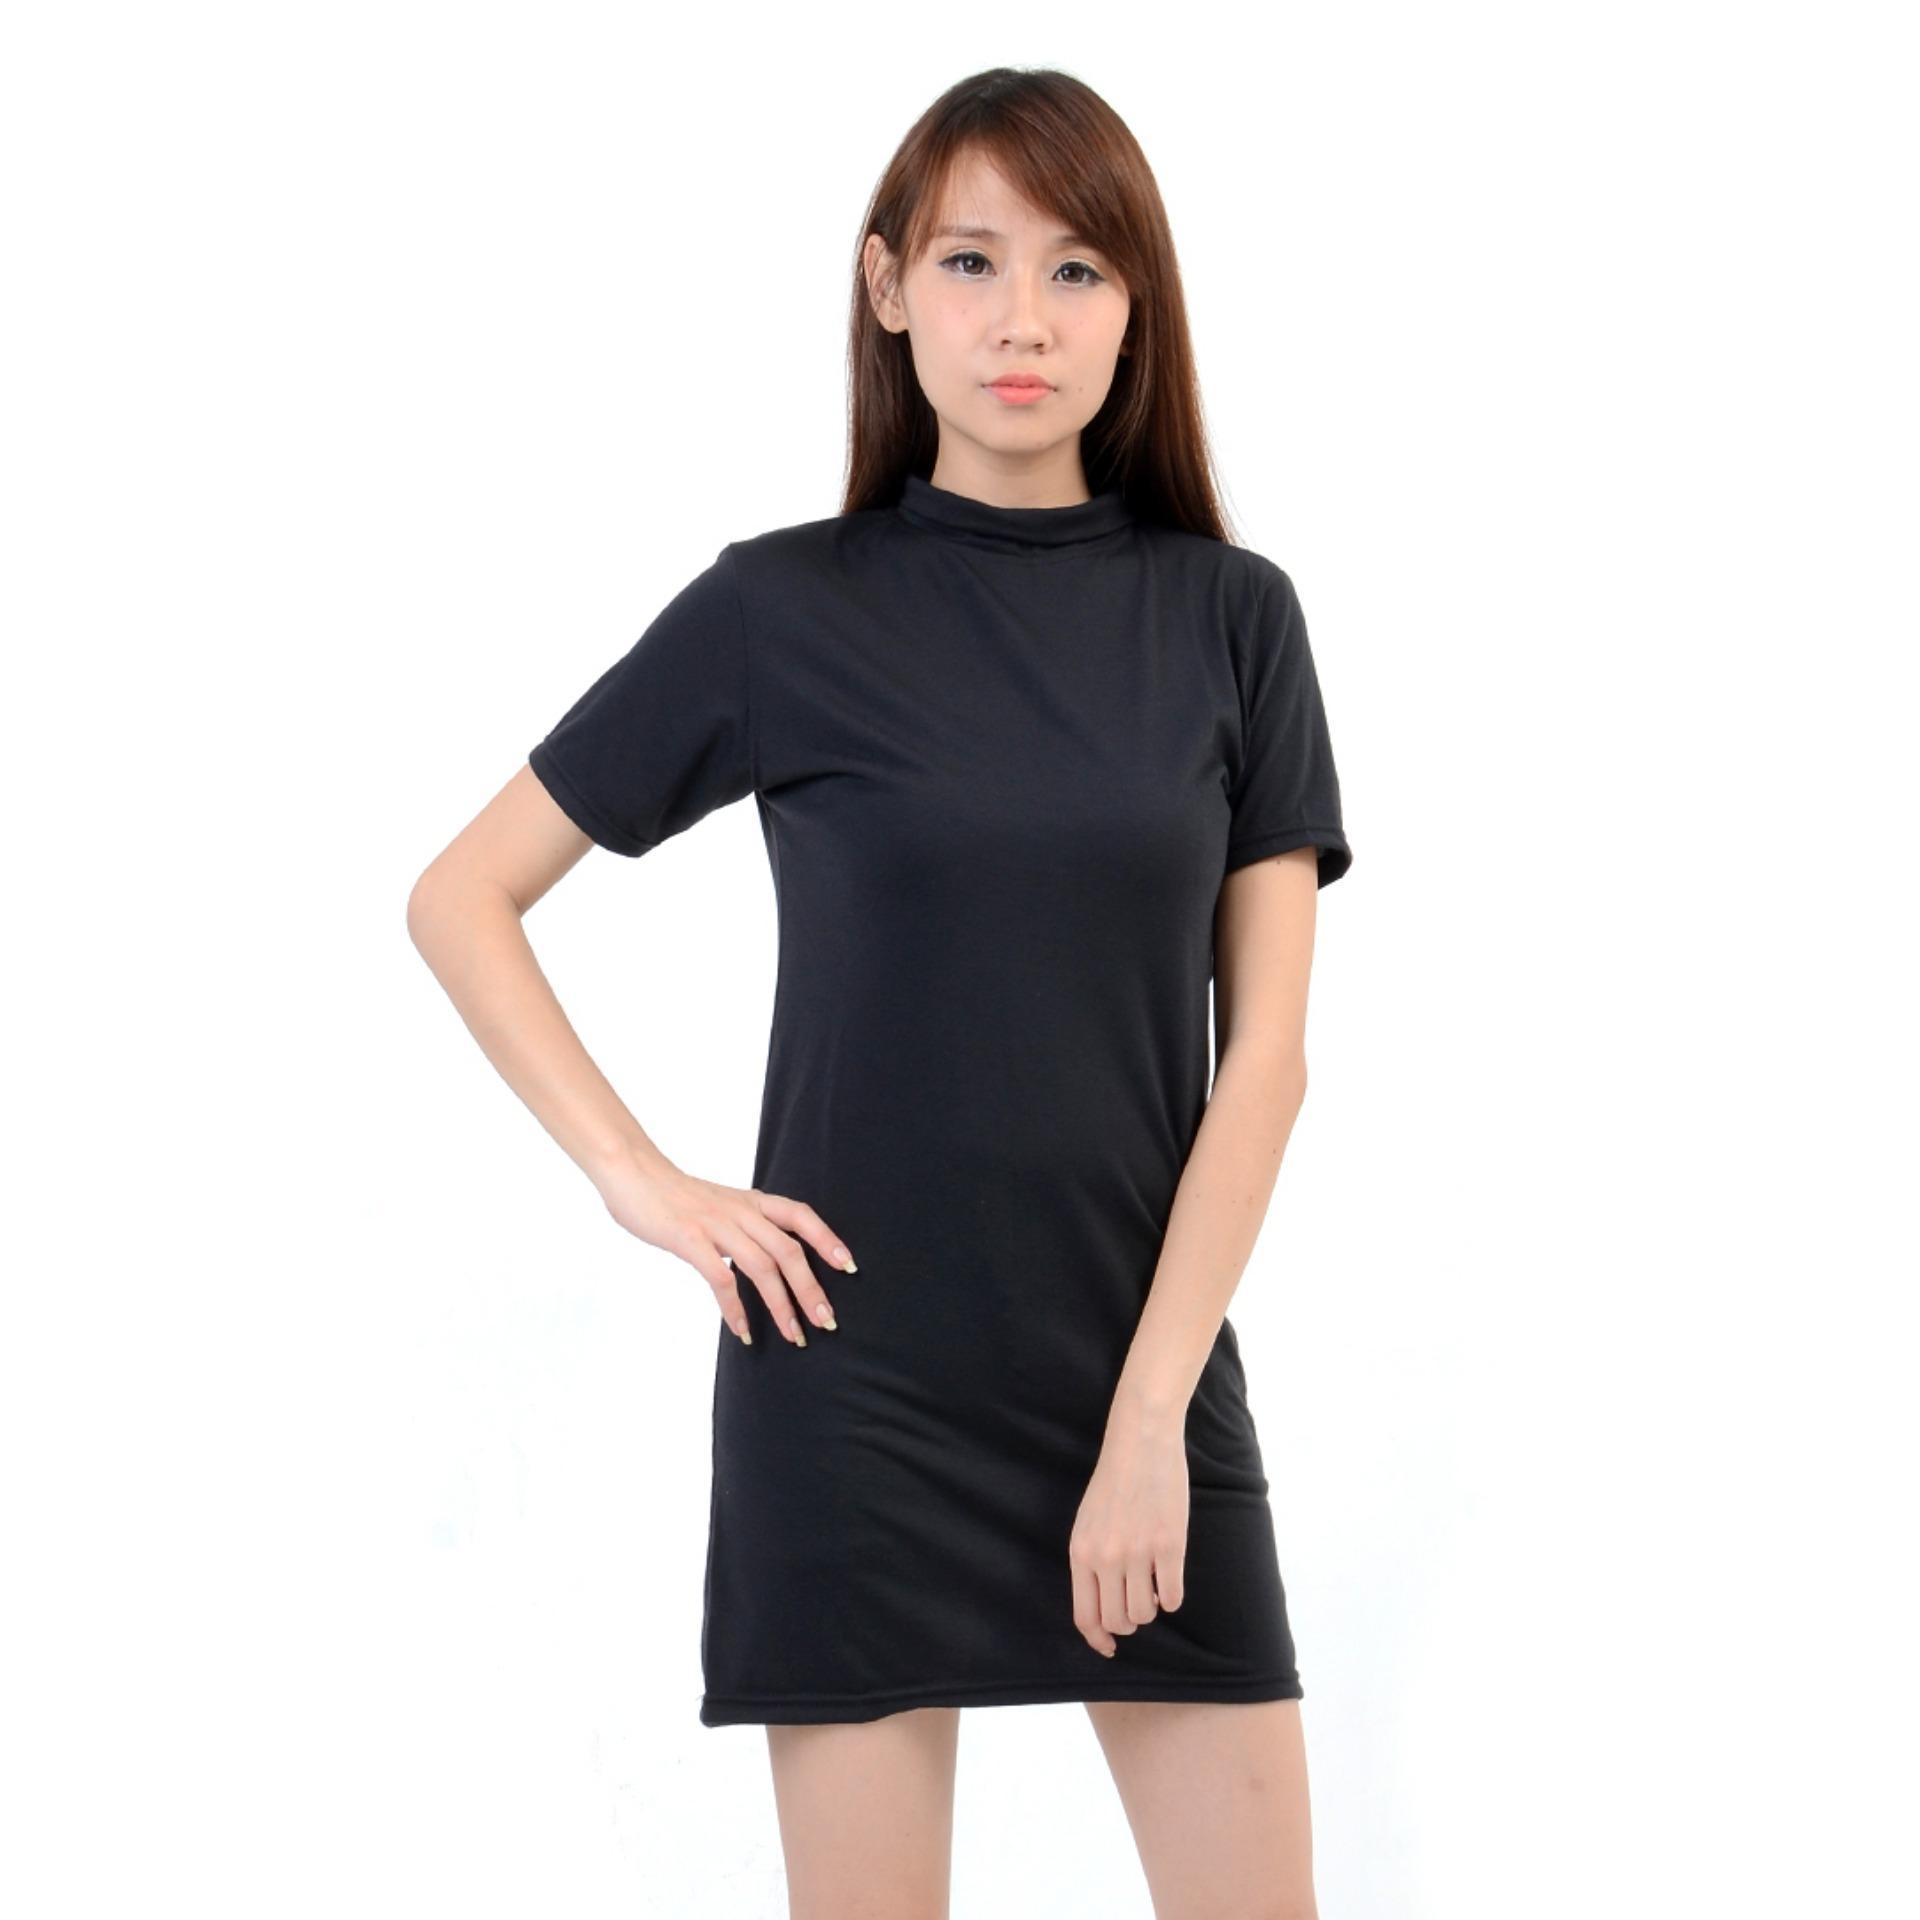 ... Remaja Cewek | Gaun Wanita | Lace DressIDR56800. Rp 56.900